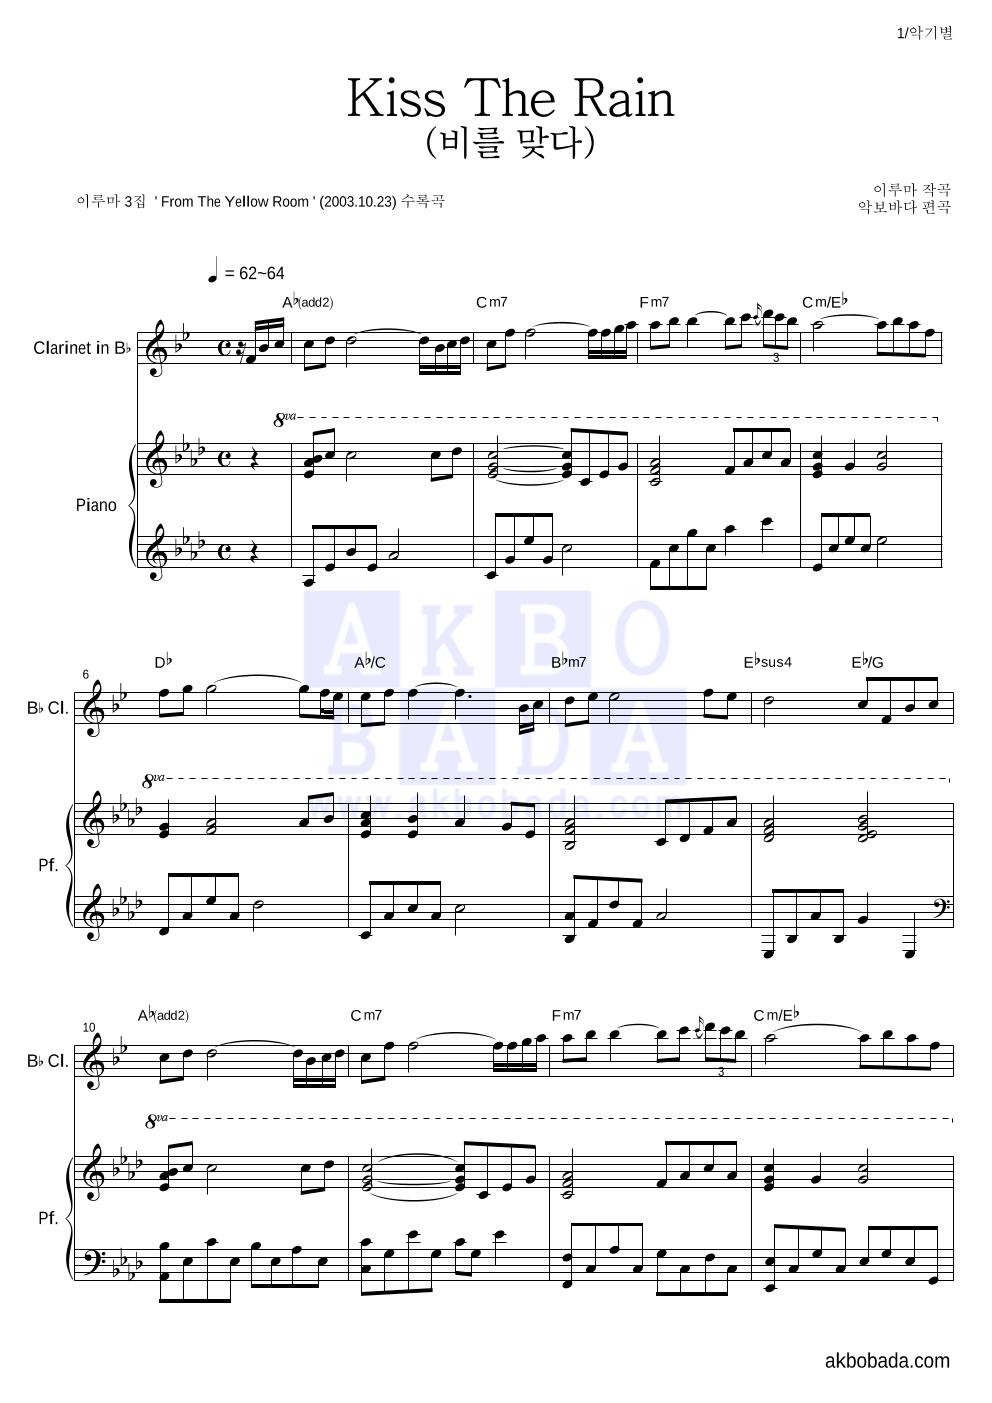 이루마 - Kiss The Rain (비를 맞다) 클라리넷&피아노 악보